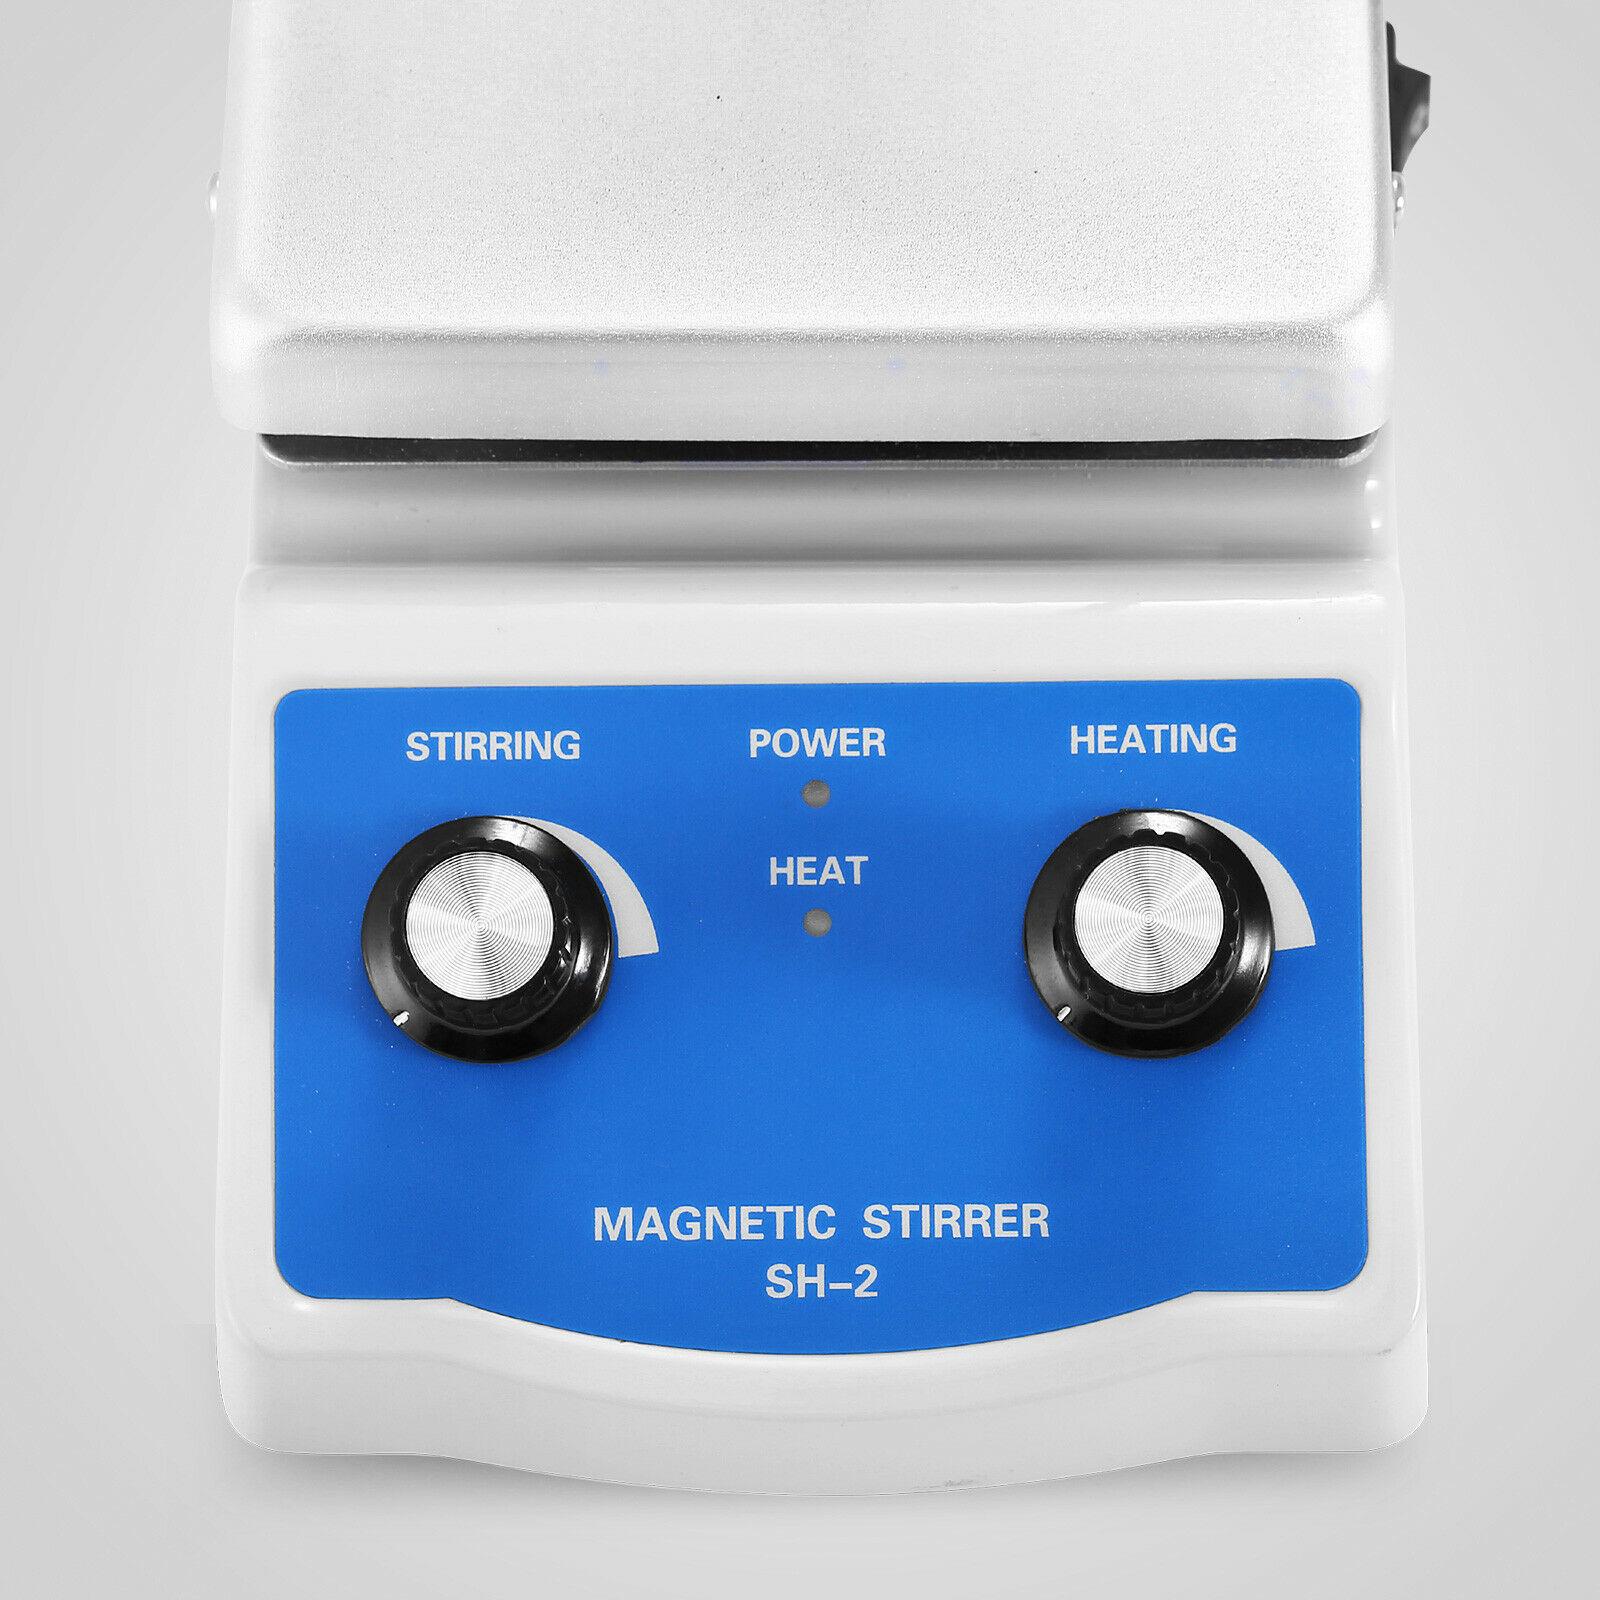 Sh 2 Магнитная мешалка с горячей плитой с двойным управлением нагревательный держатель для перемешивания лаборатория - 6